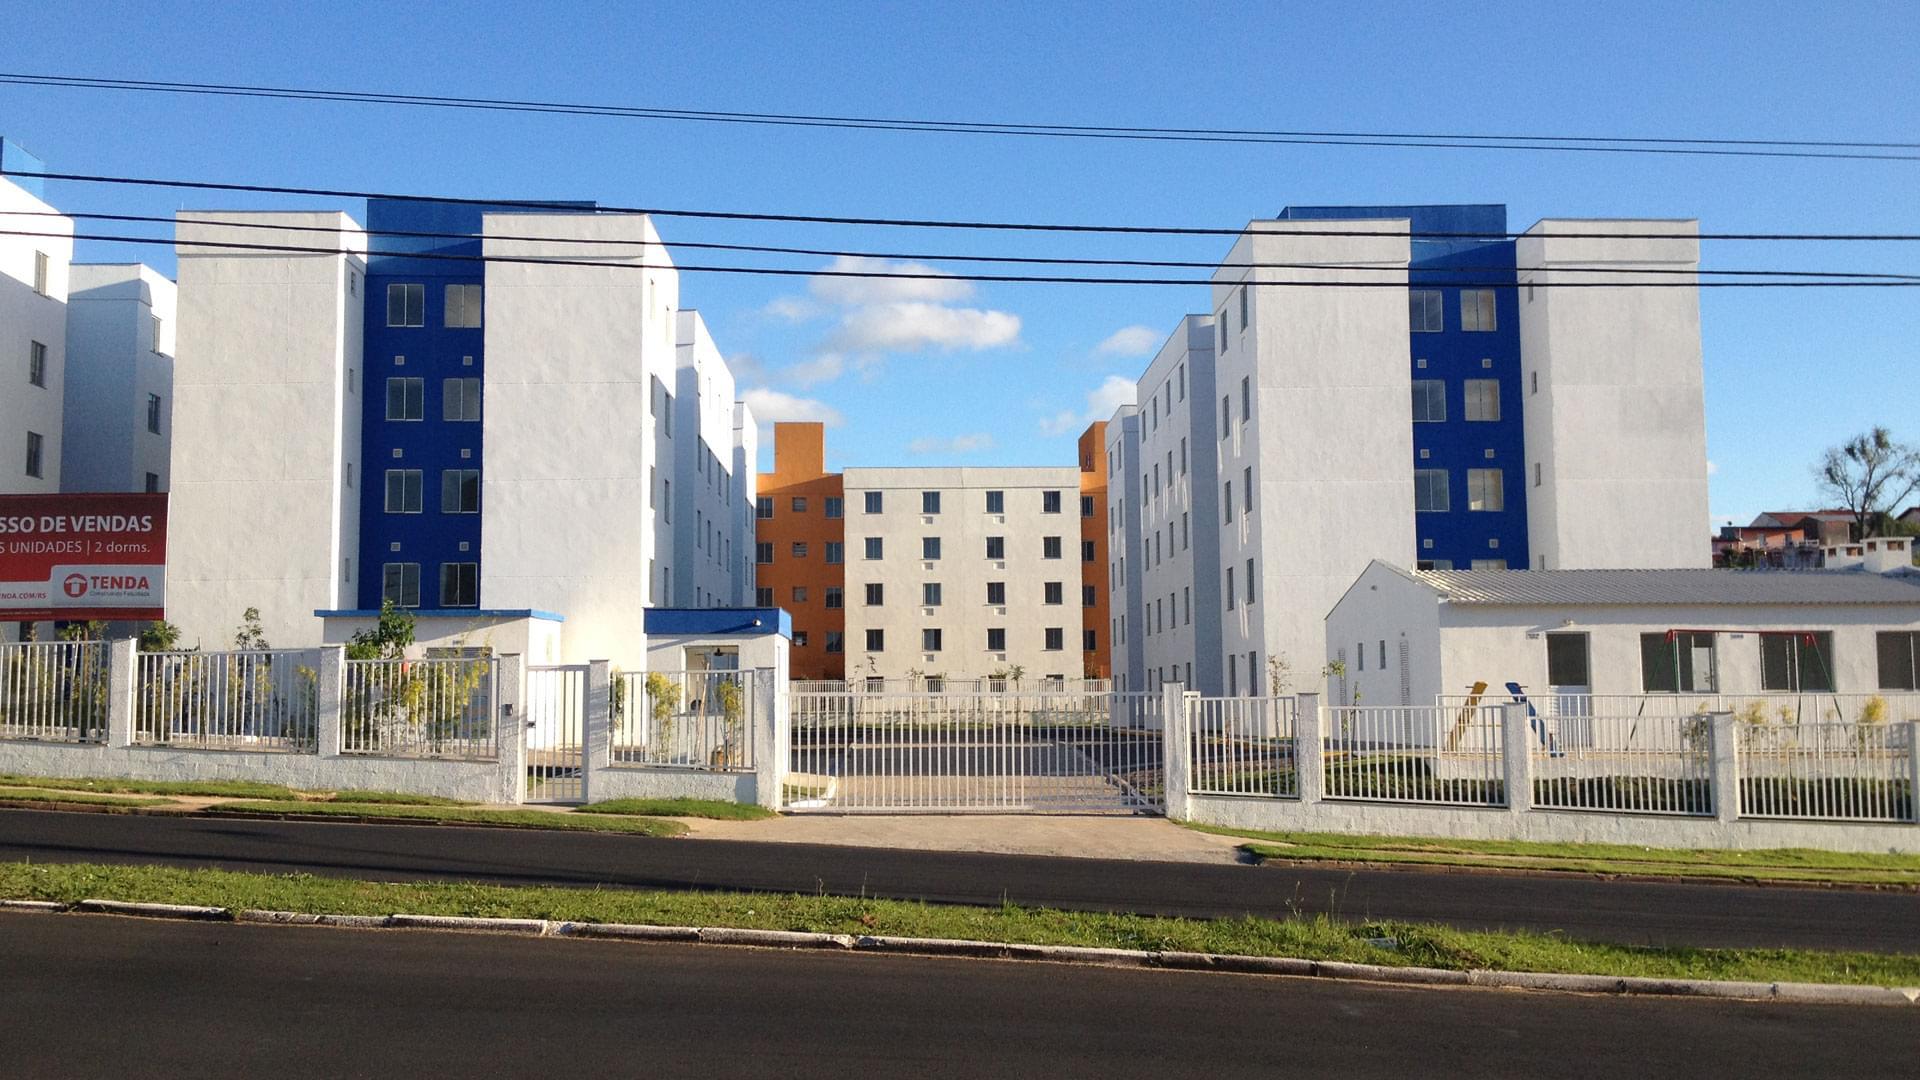 Fotos do Residencial Juscelino Kubitschek I | Apartamento Minha Casa Minha Vida | Tenda.com